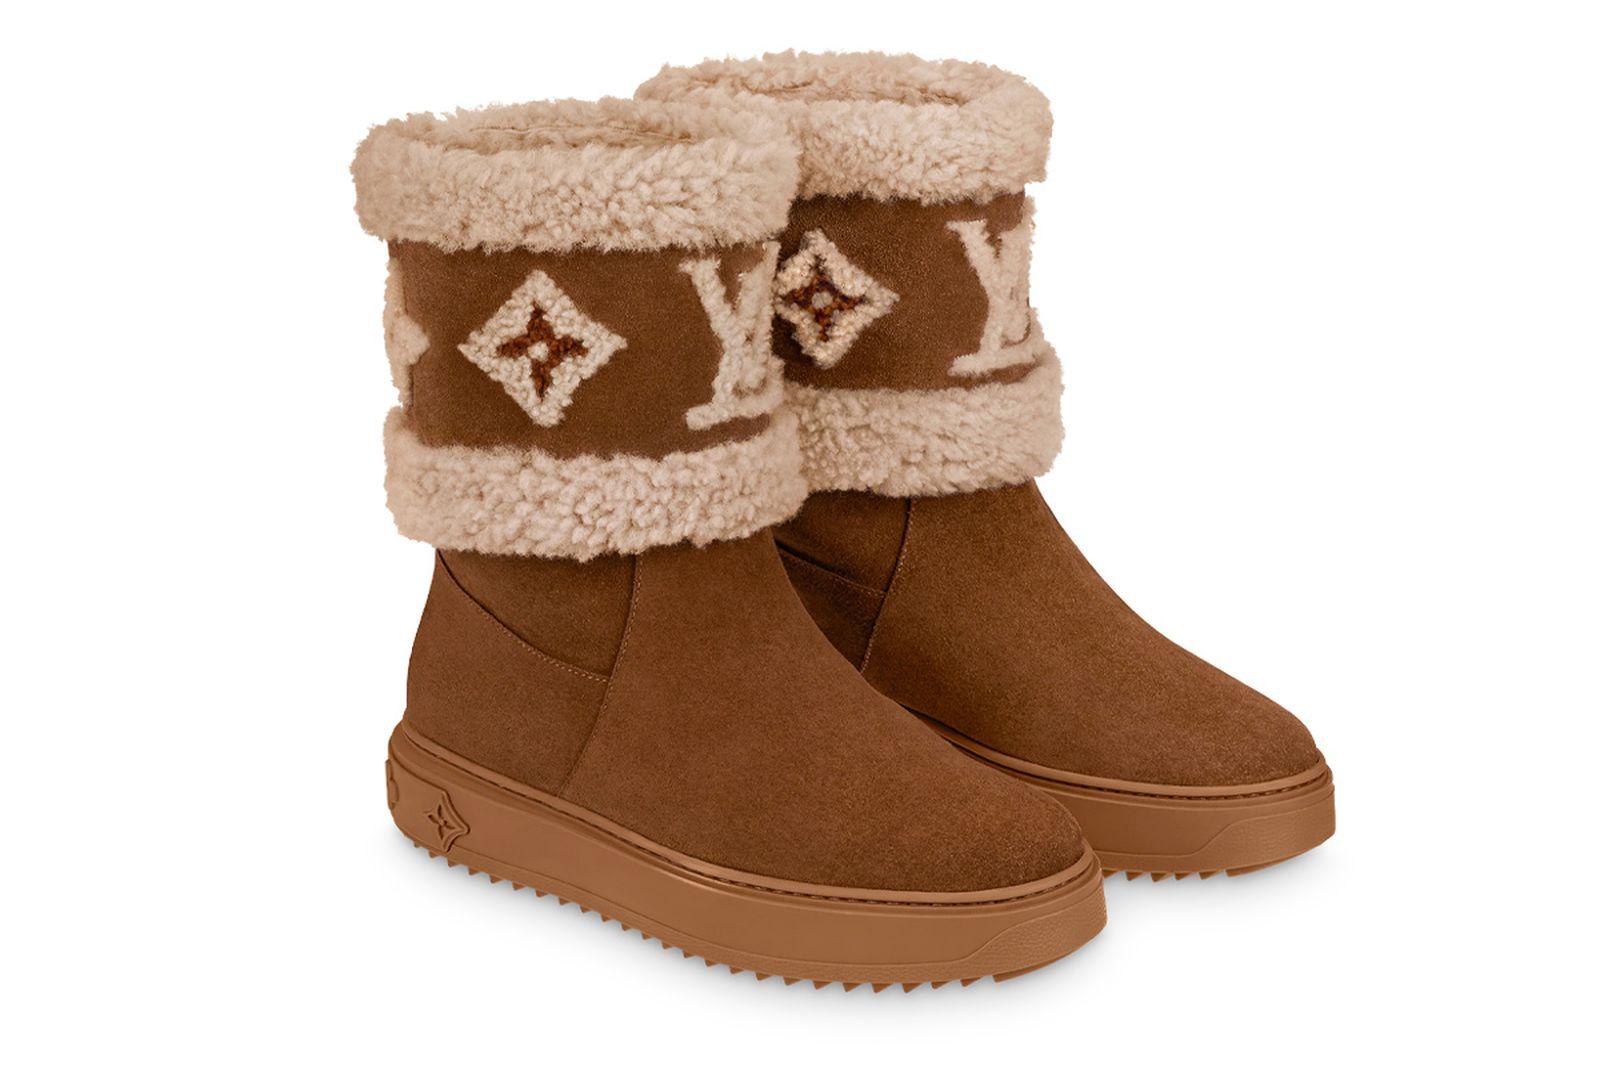 louis-vuitton-ugg-boots-comparison-main